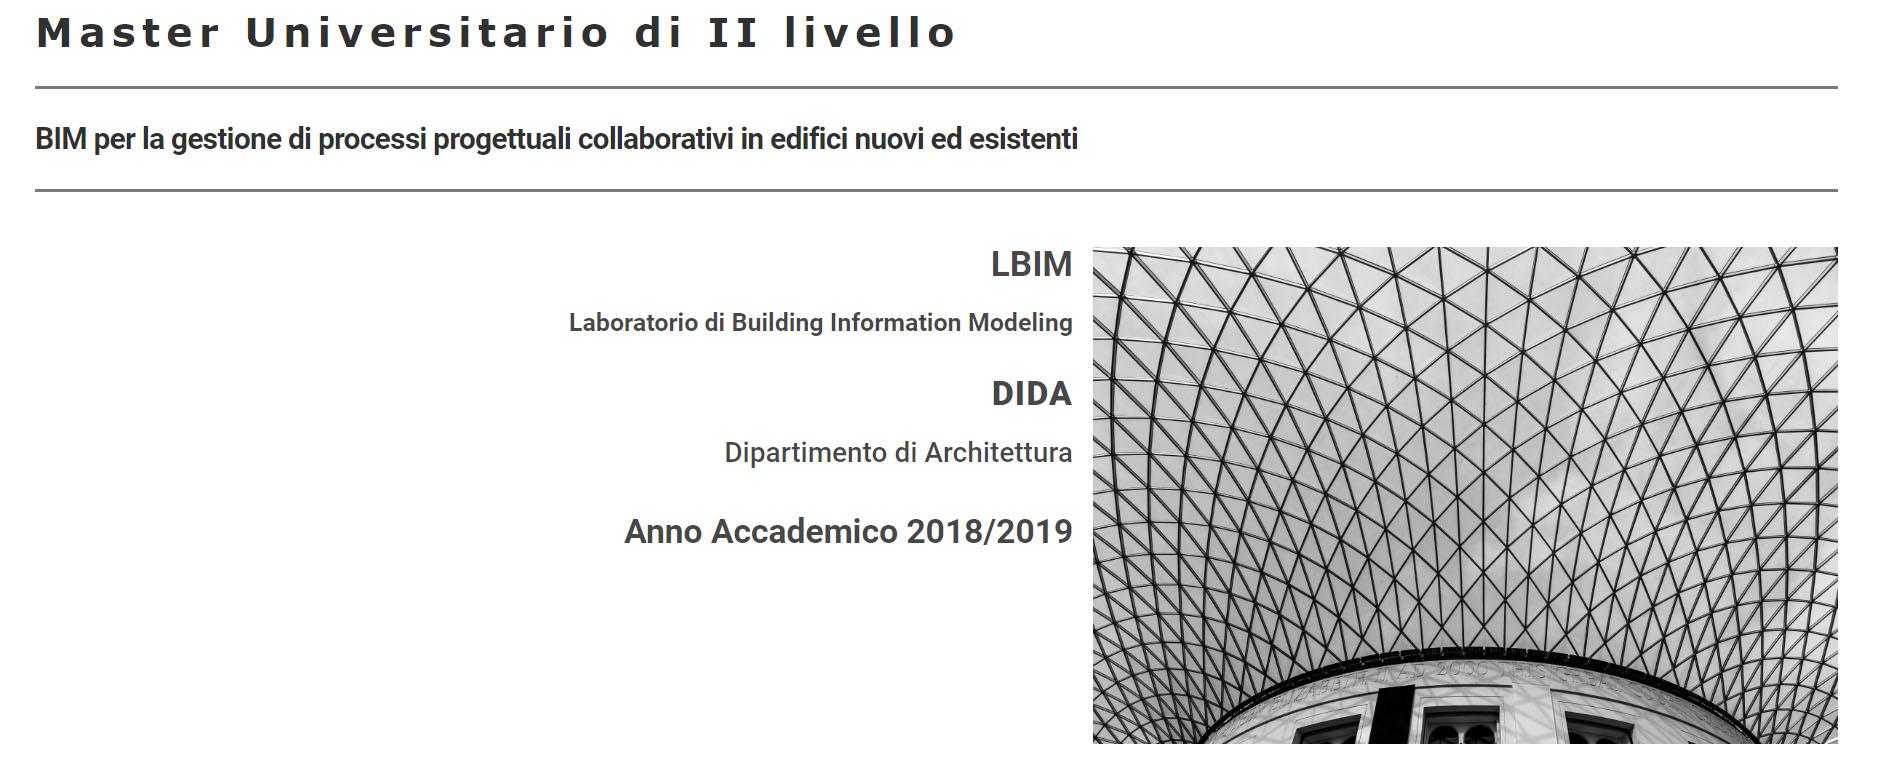 Il BIM per la gestione di processi progettuali collaborativi